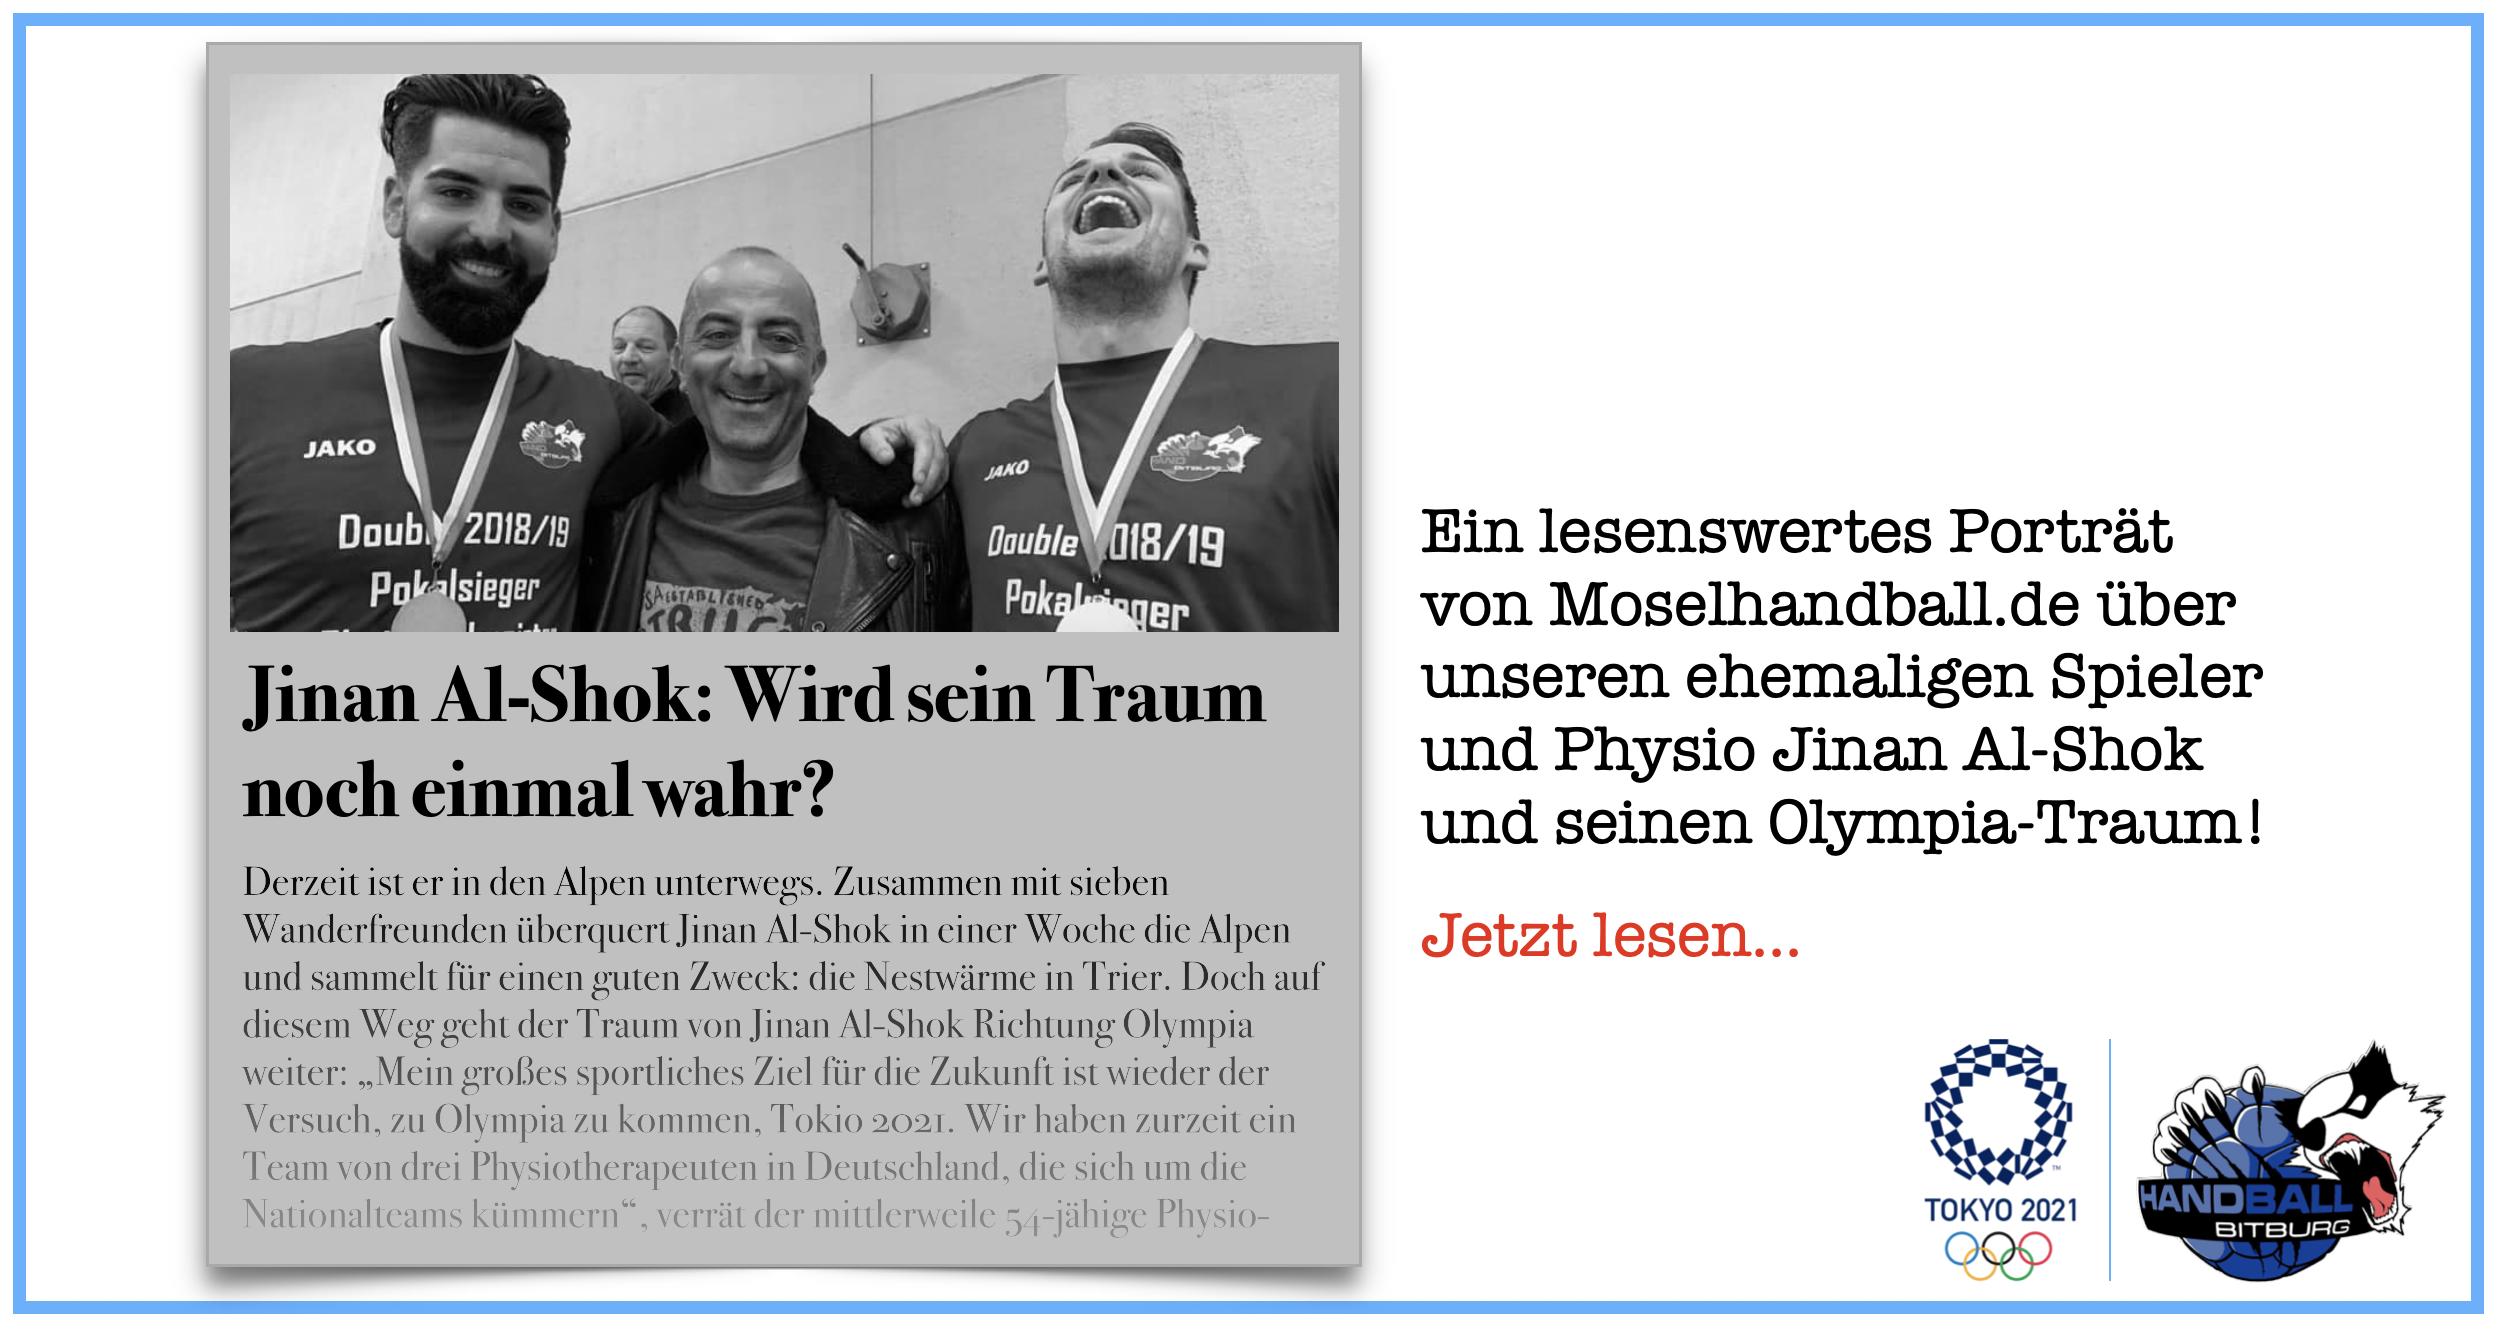 Jinan Al-Shok und sein Olympia-Traum im Porträt